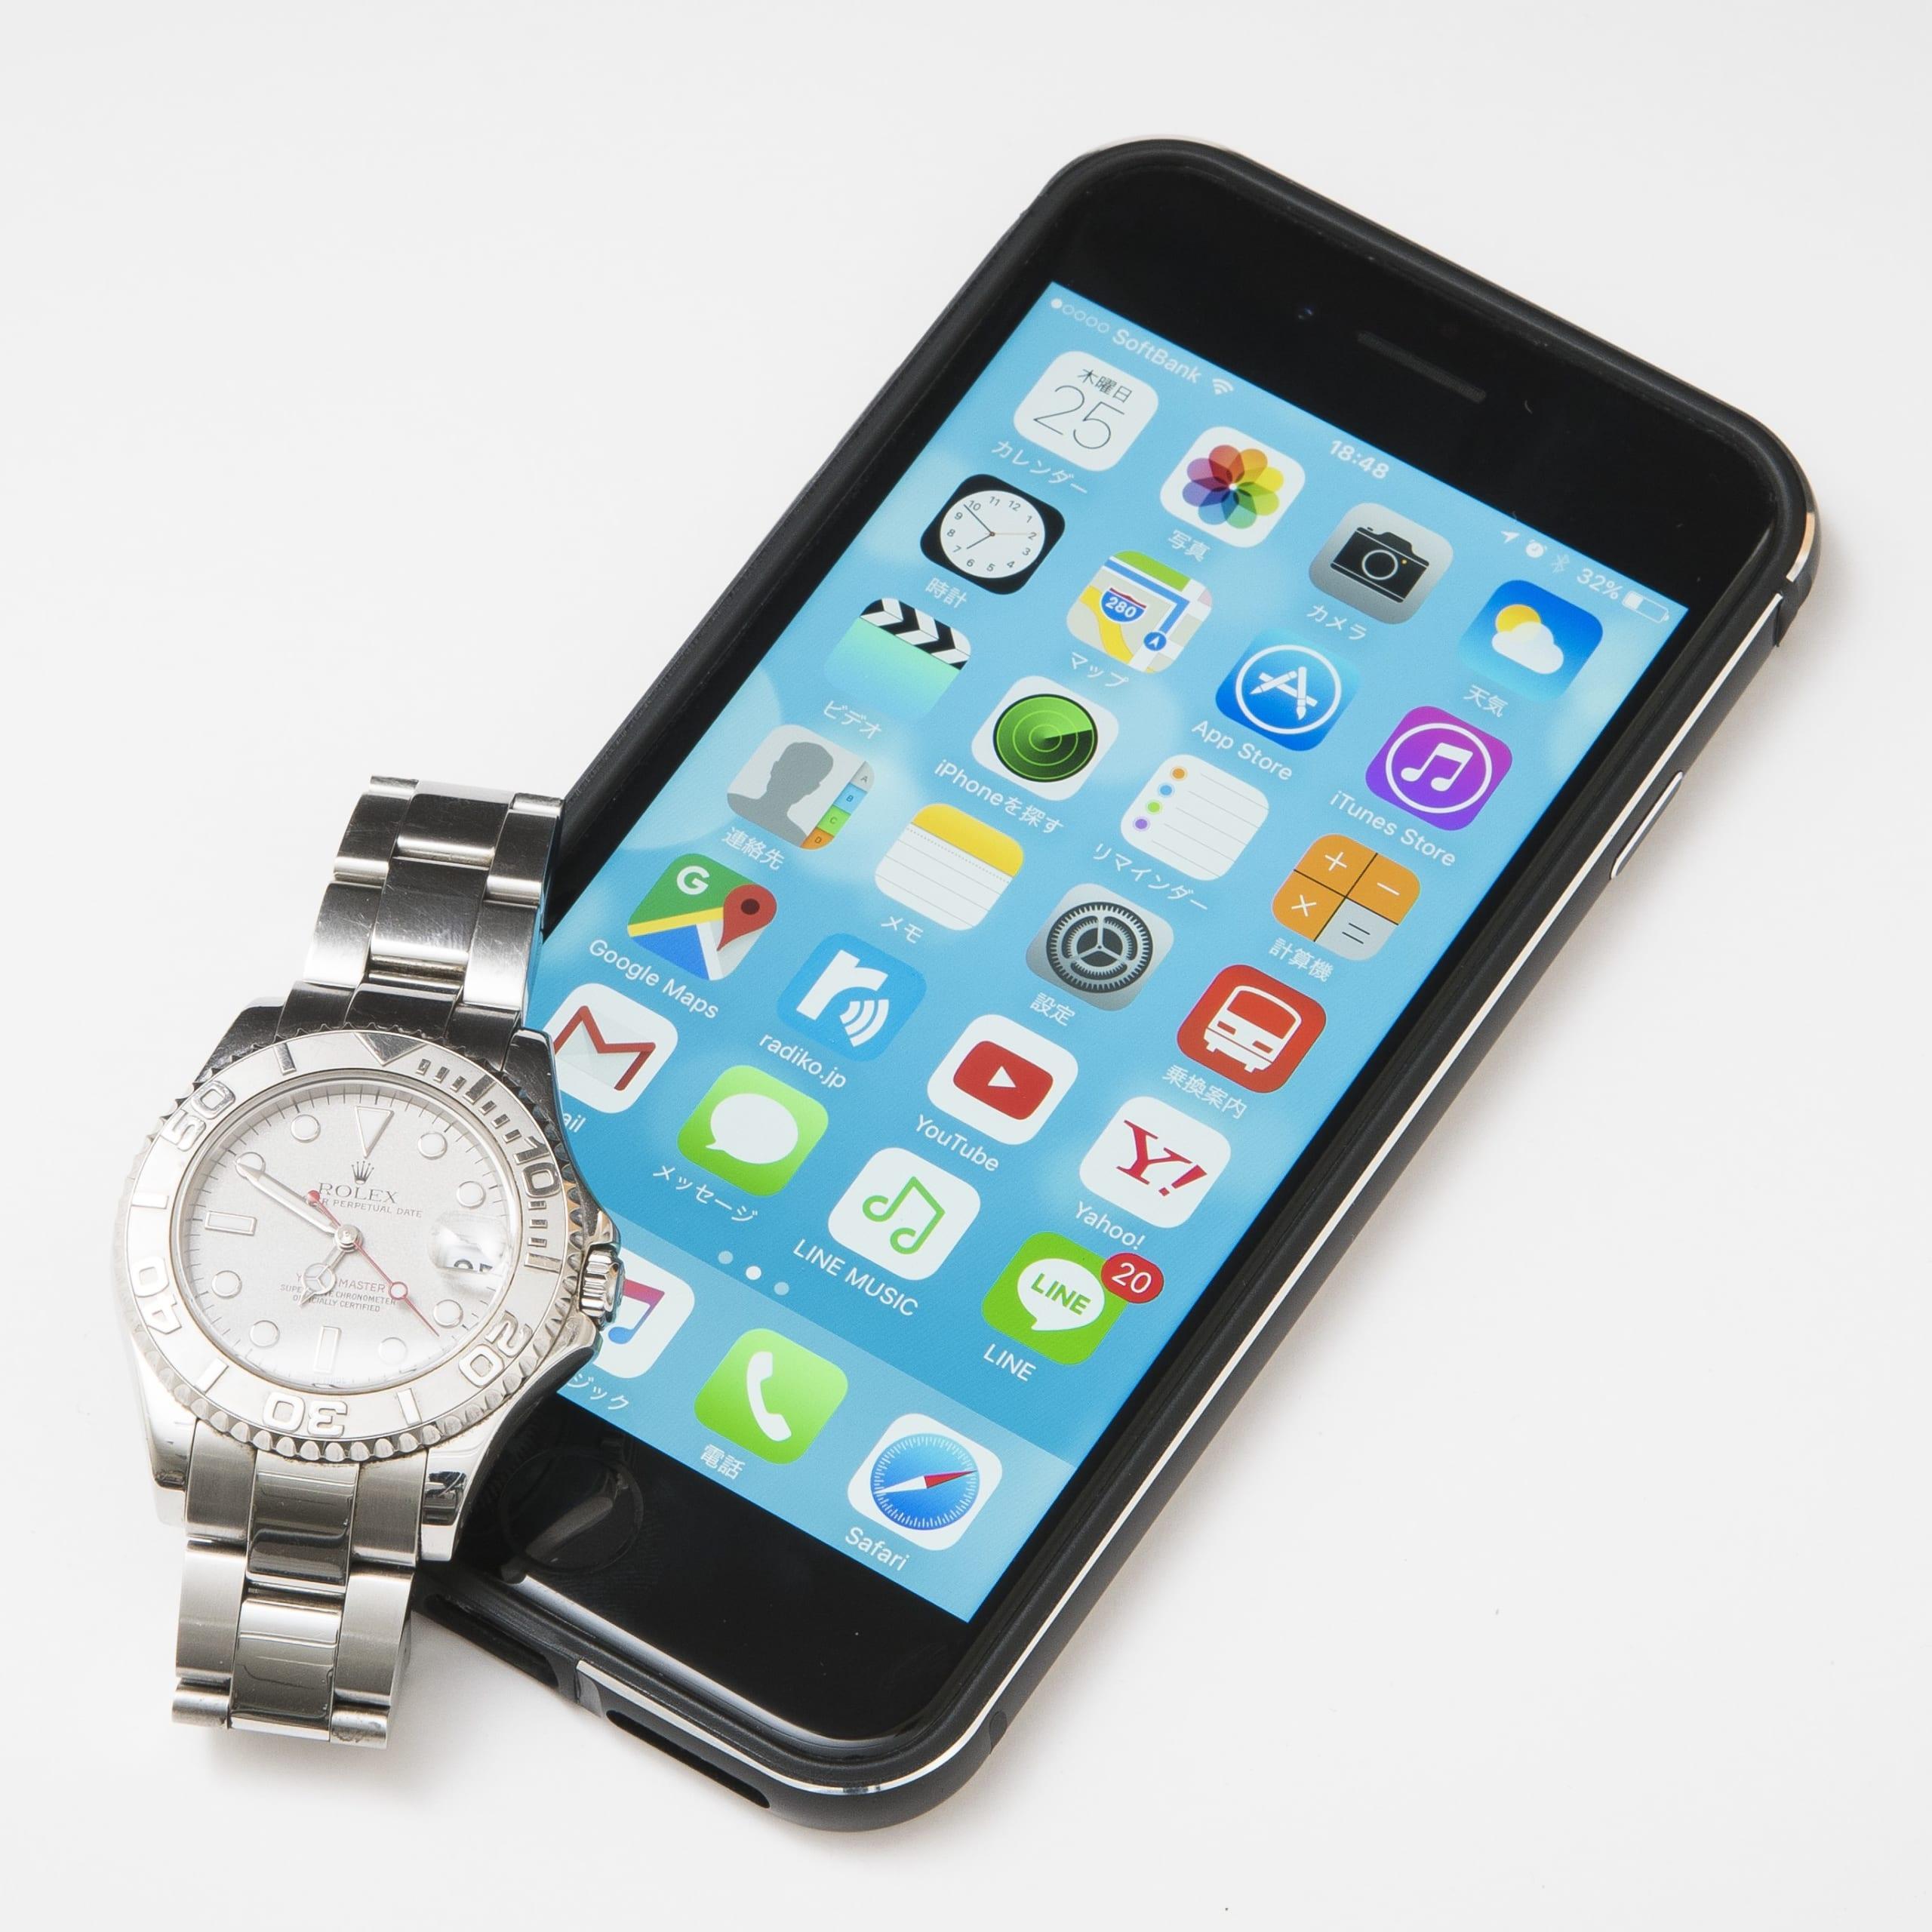 腕時計のやってはいけないタブー。衝撃、水、あとひとつは?